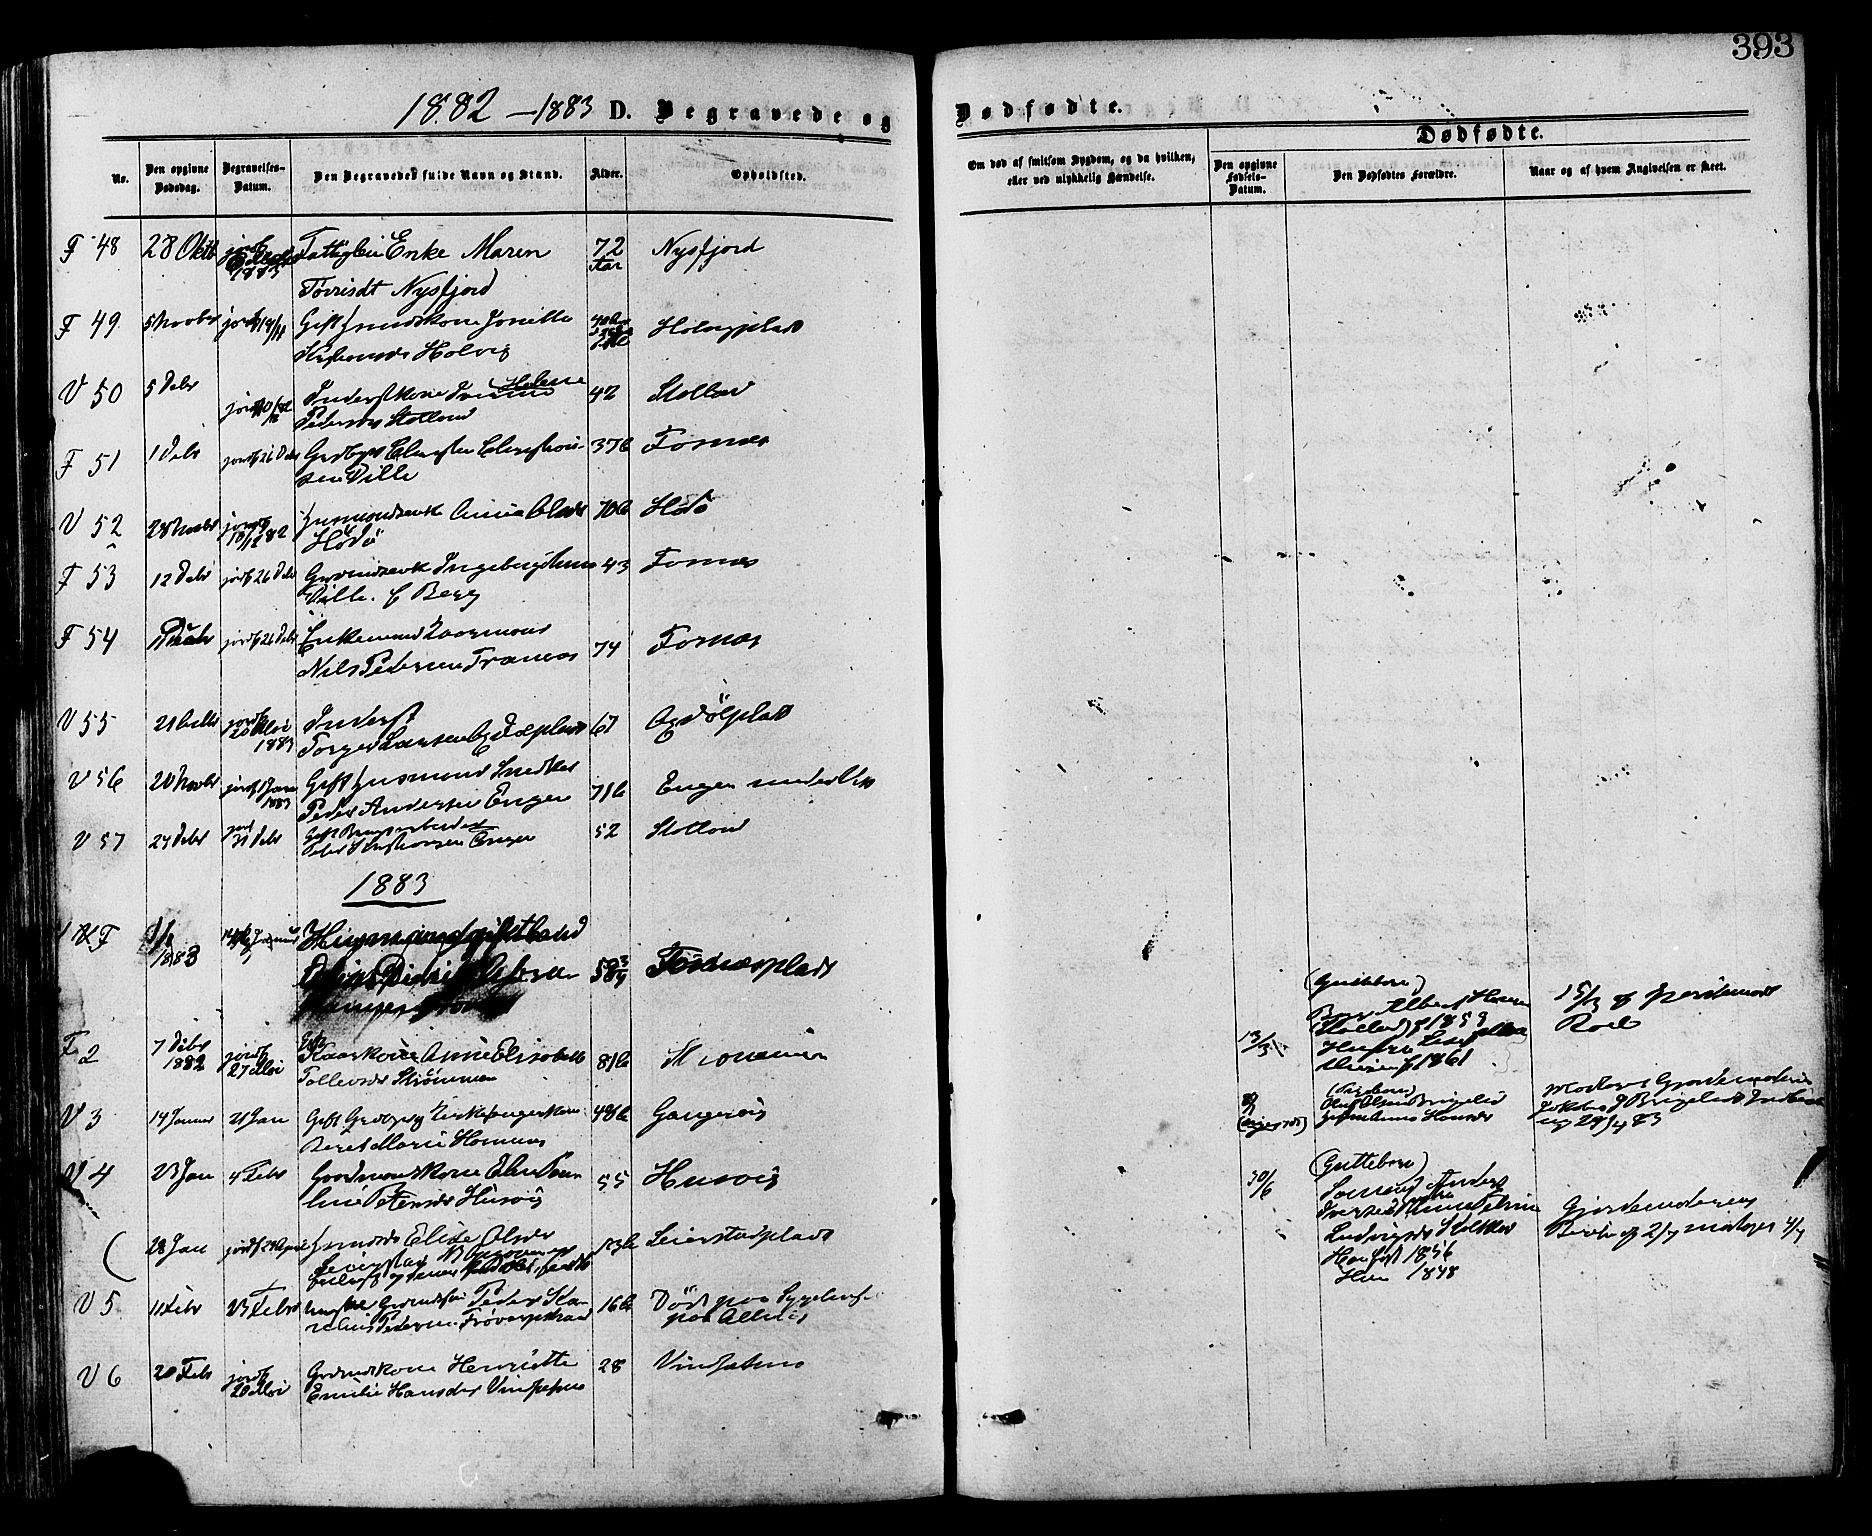 SAT, Ministerialprotokoller, klokkerbøker og fødselsregistre - Nord-Trøndelag, 773/L0616: Ministerialbok nr. 773A07, 1870-1887, s. 393